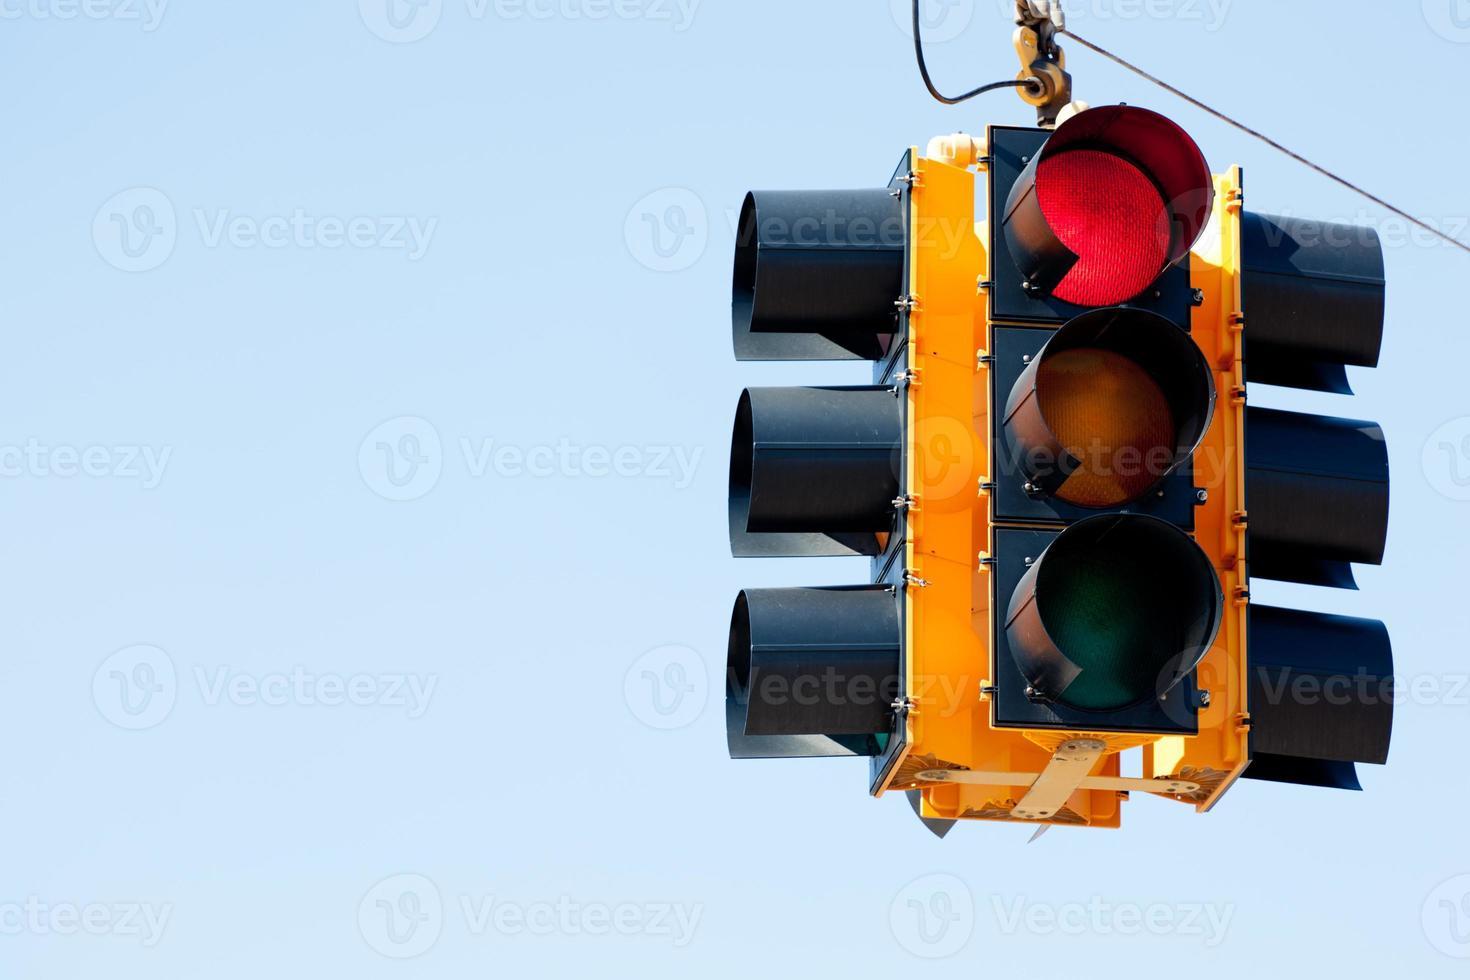 feu de signalisation rouge avec copie espace photo